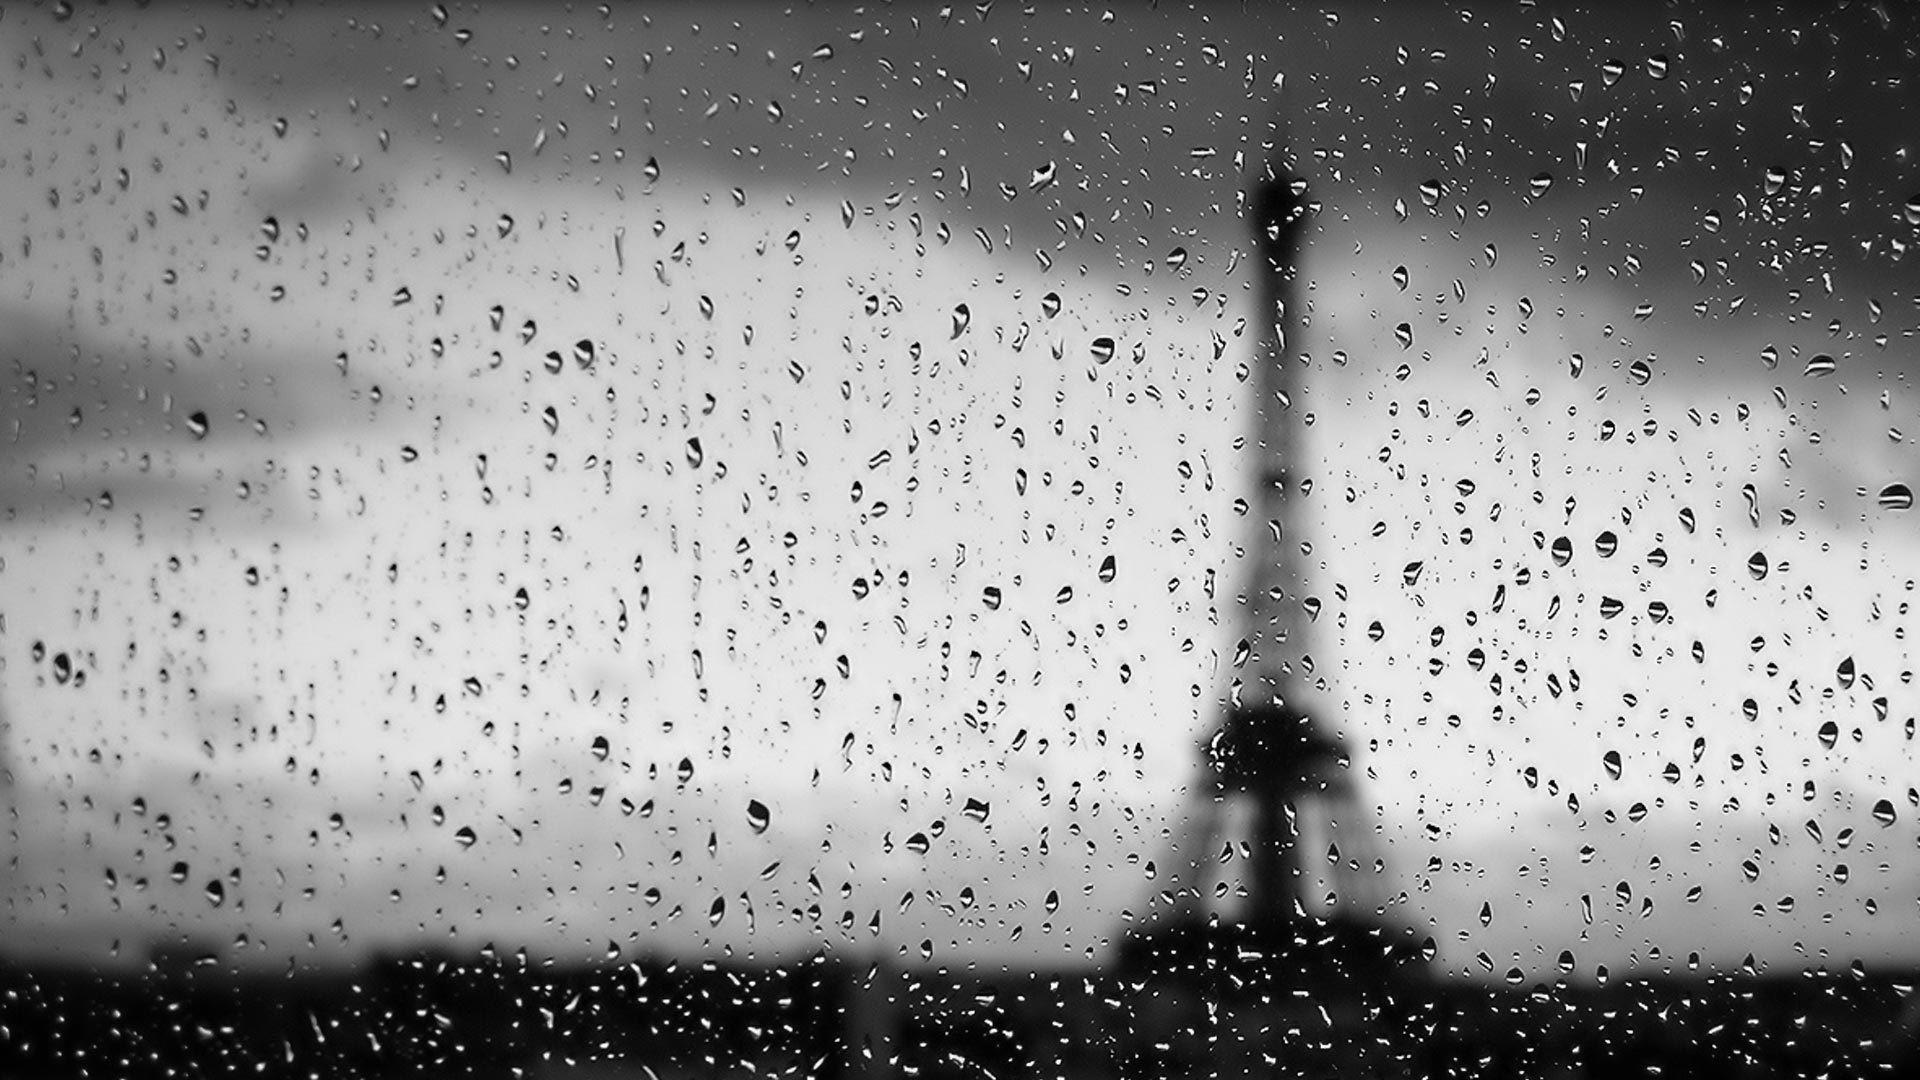 атласной ткани рассыпается картинка во время дождя пришлась